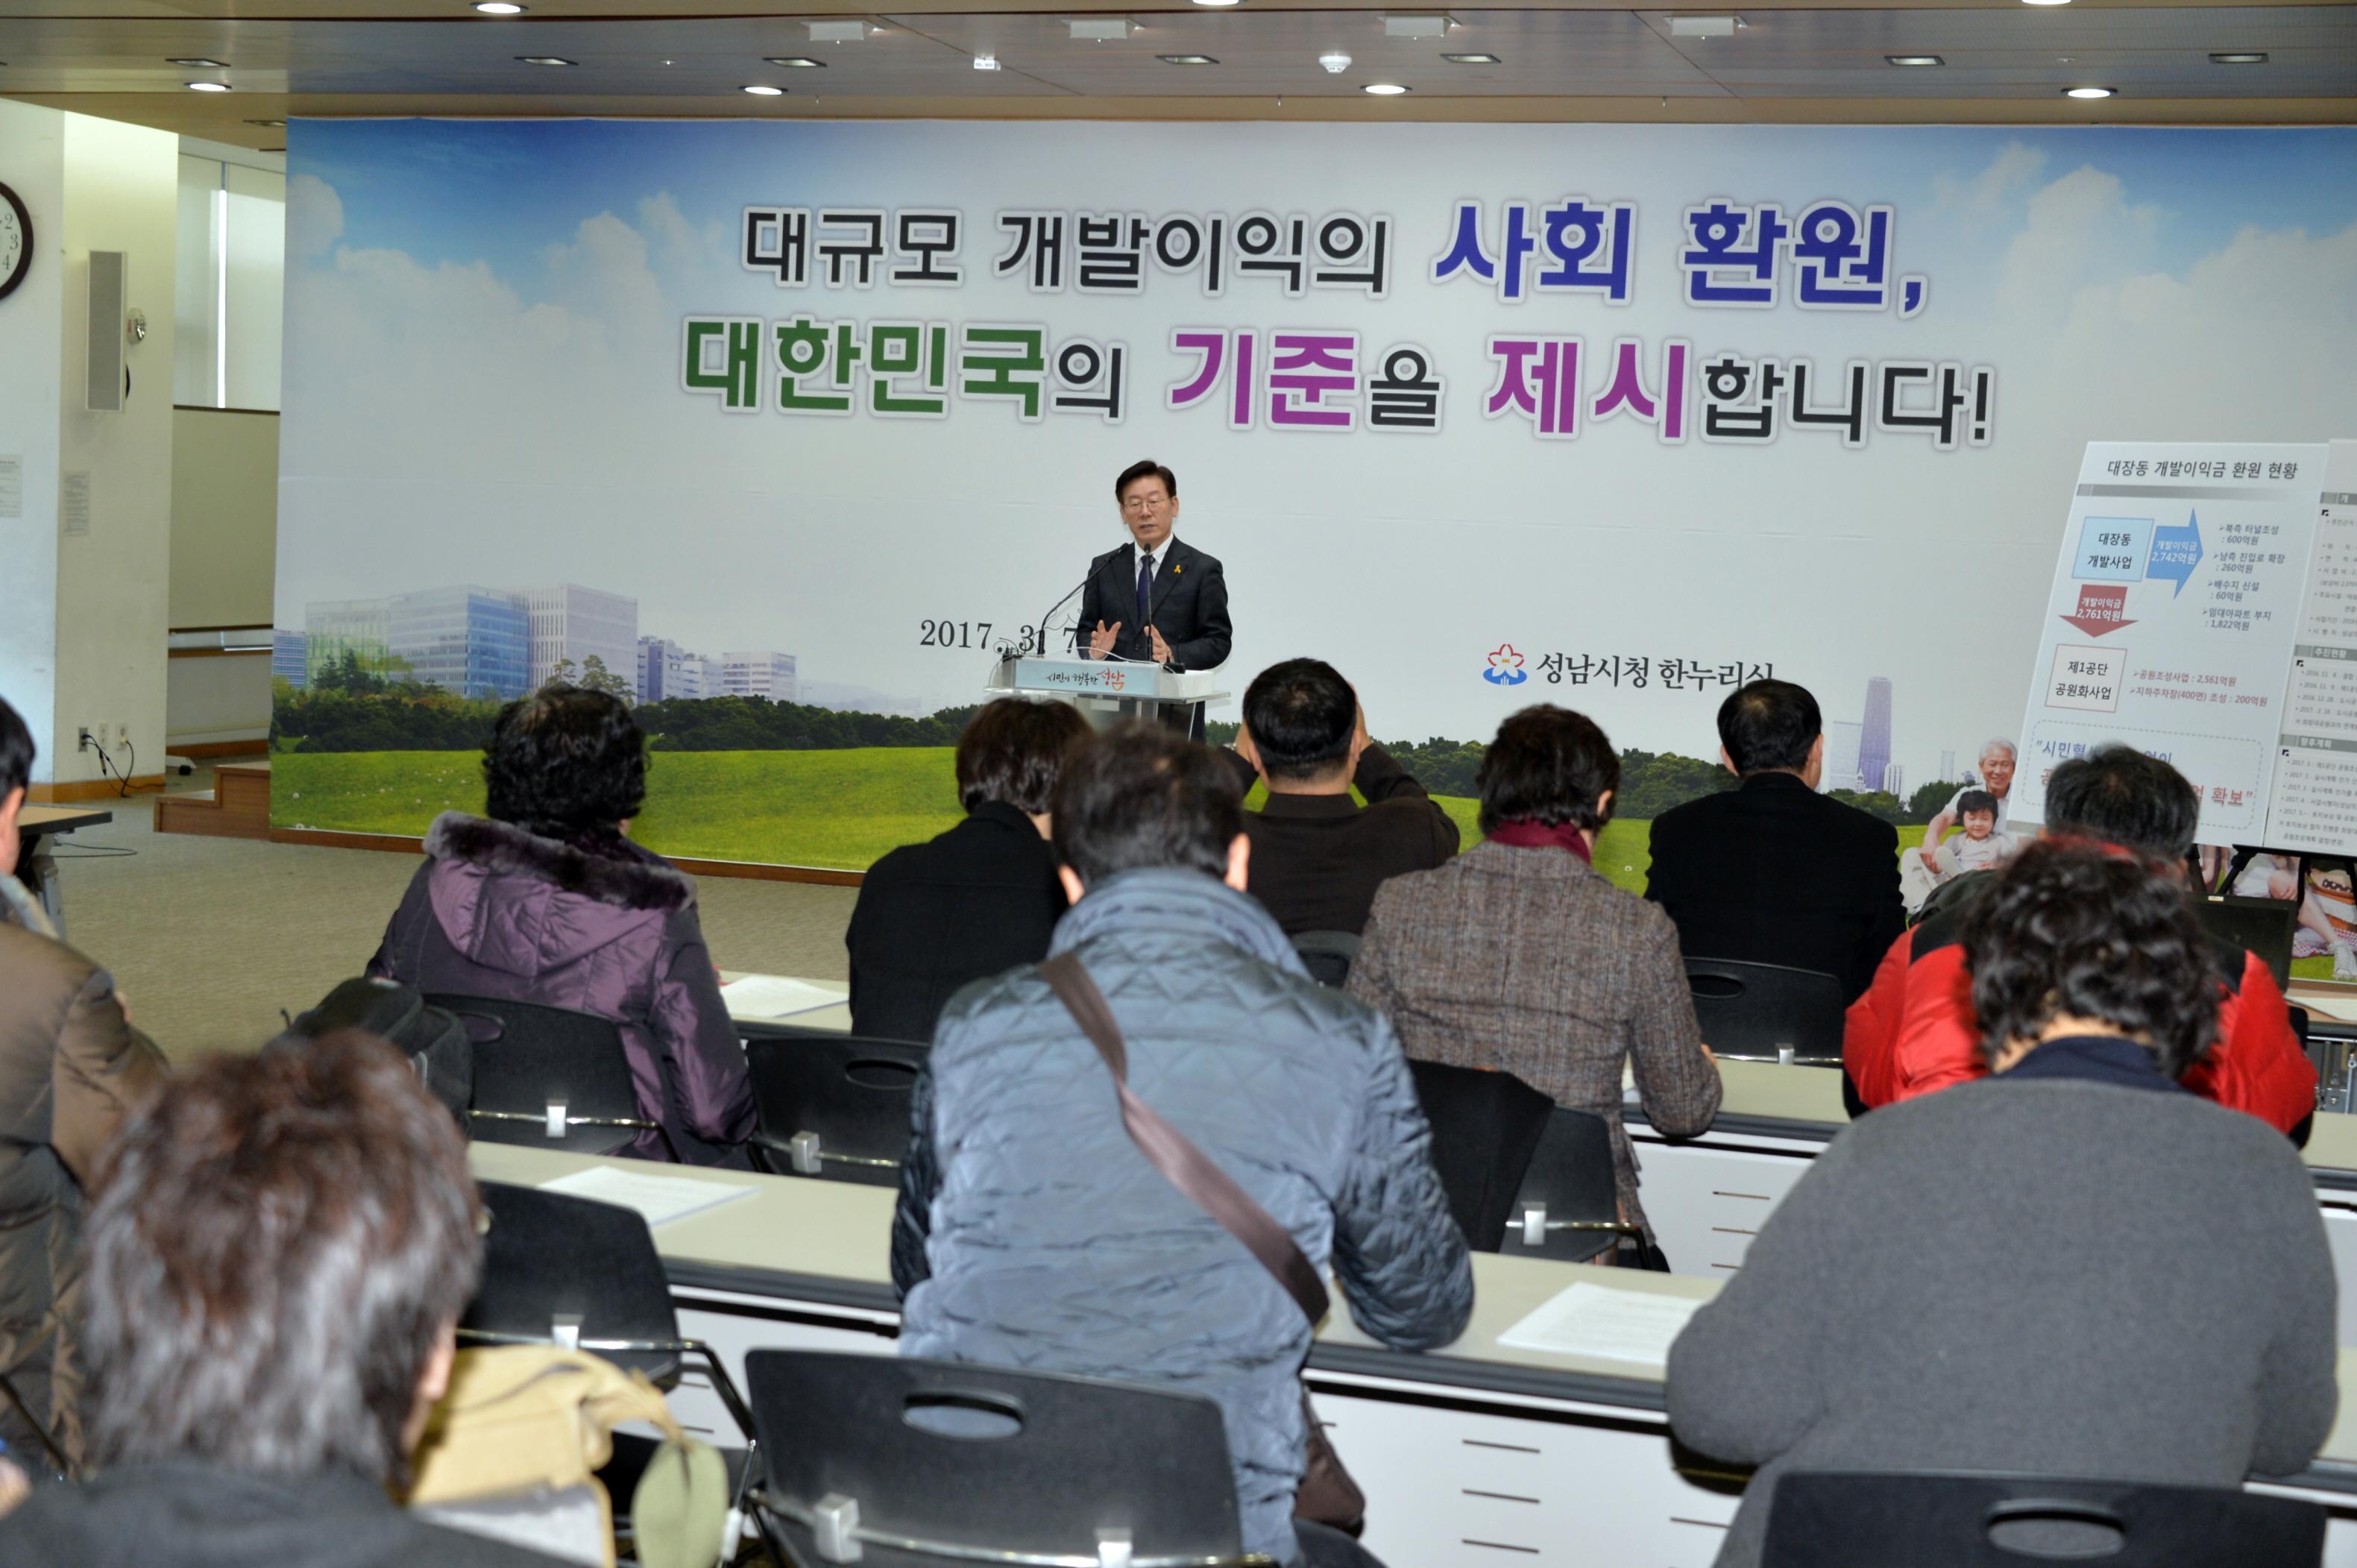 성남시 1공단 공원조성사업 기지회견이미지2